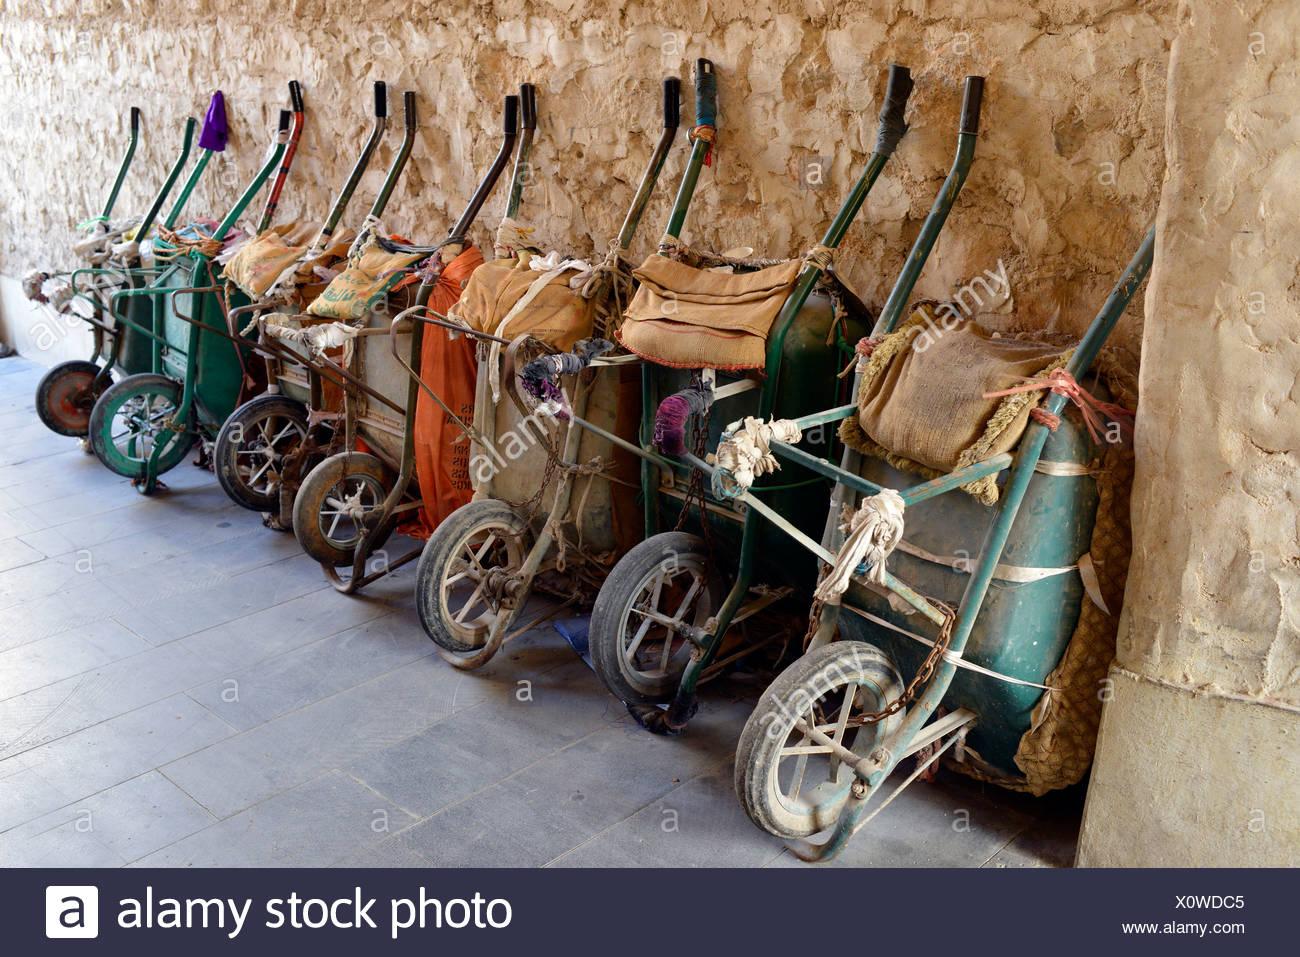 Parcheggio per carriole, spingere carrelli principali mezzi di trasporto nel Souq Al Waqif, più vecchio souq o bazaar nel paese, Doha Immagini Stock